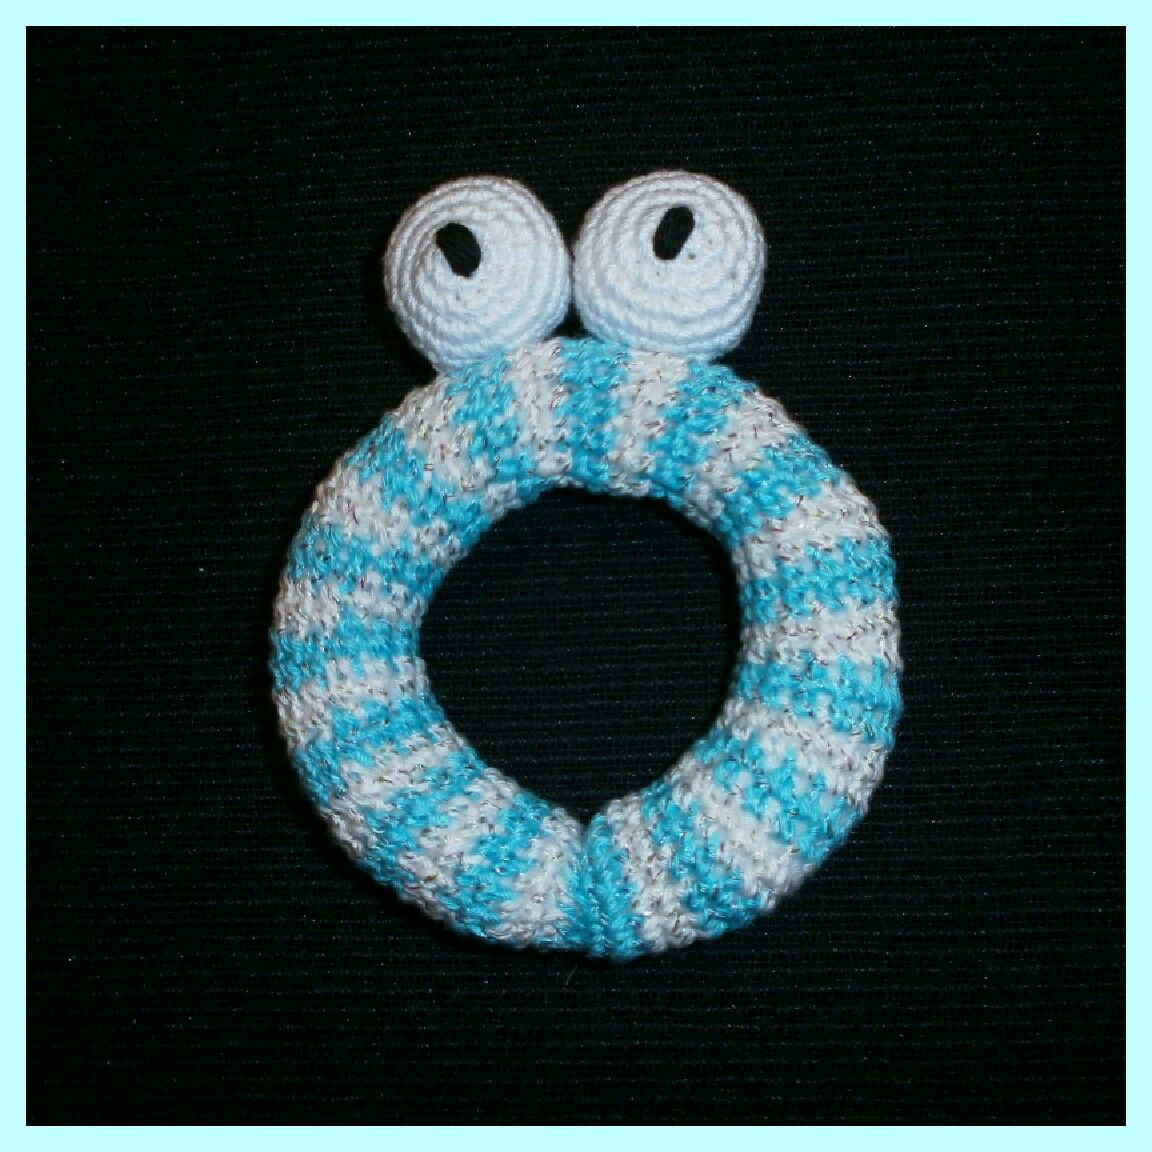 Crochet Babyrattle - Virkad Babyskallra - Crocheted by Susanna